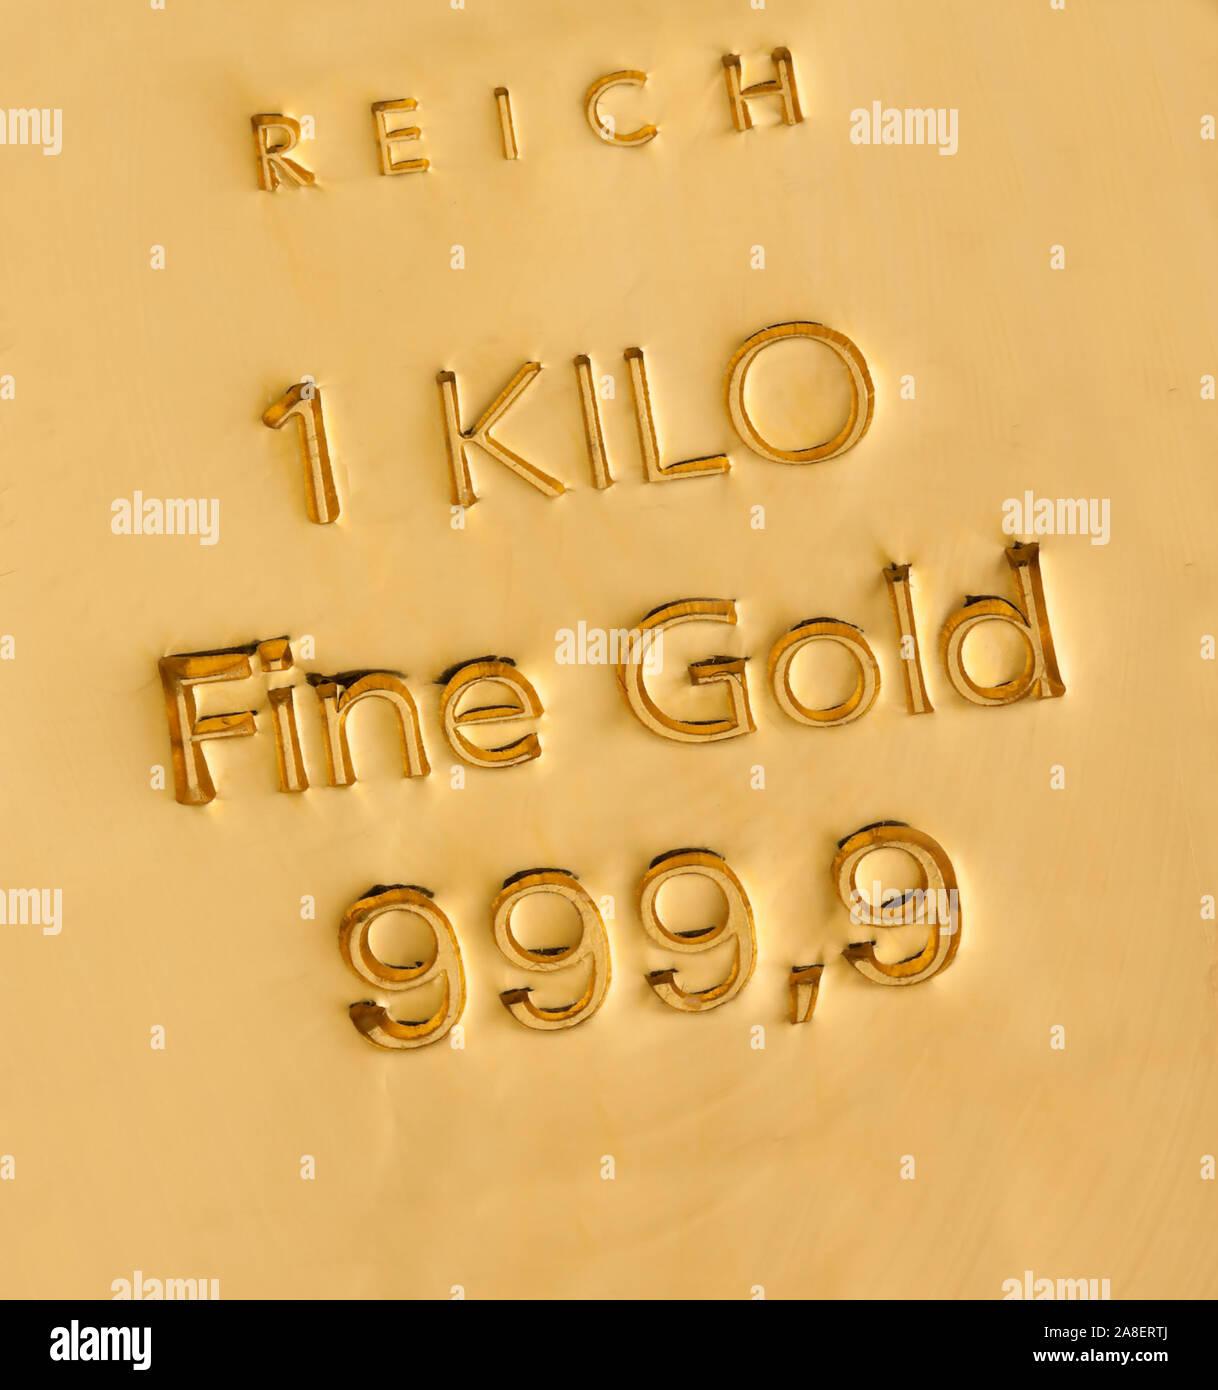 Echte Goldbarren, 1 Kilo Gold, Nahaufnahme,  Barren, Goldbarren, Stock Photo